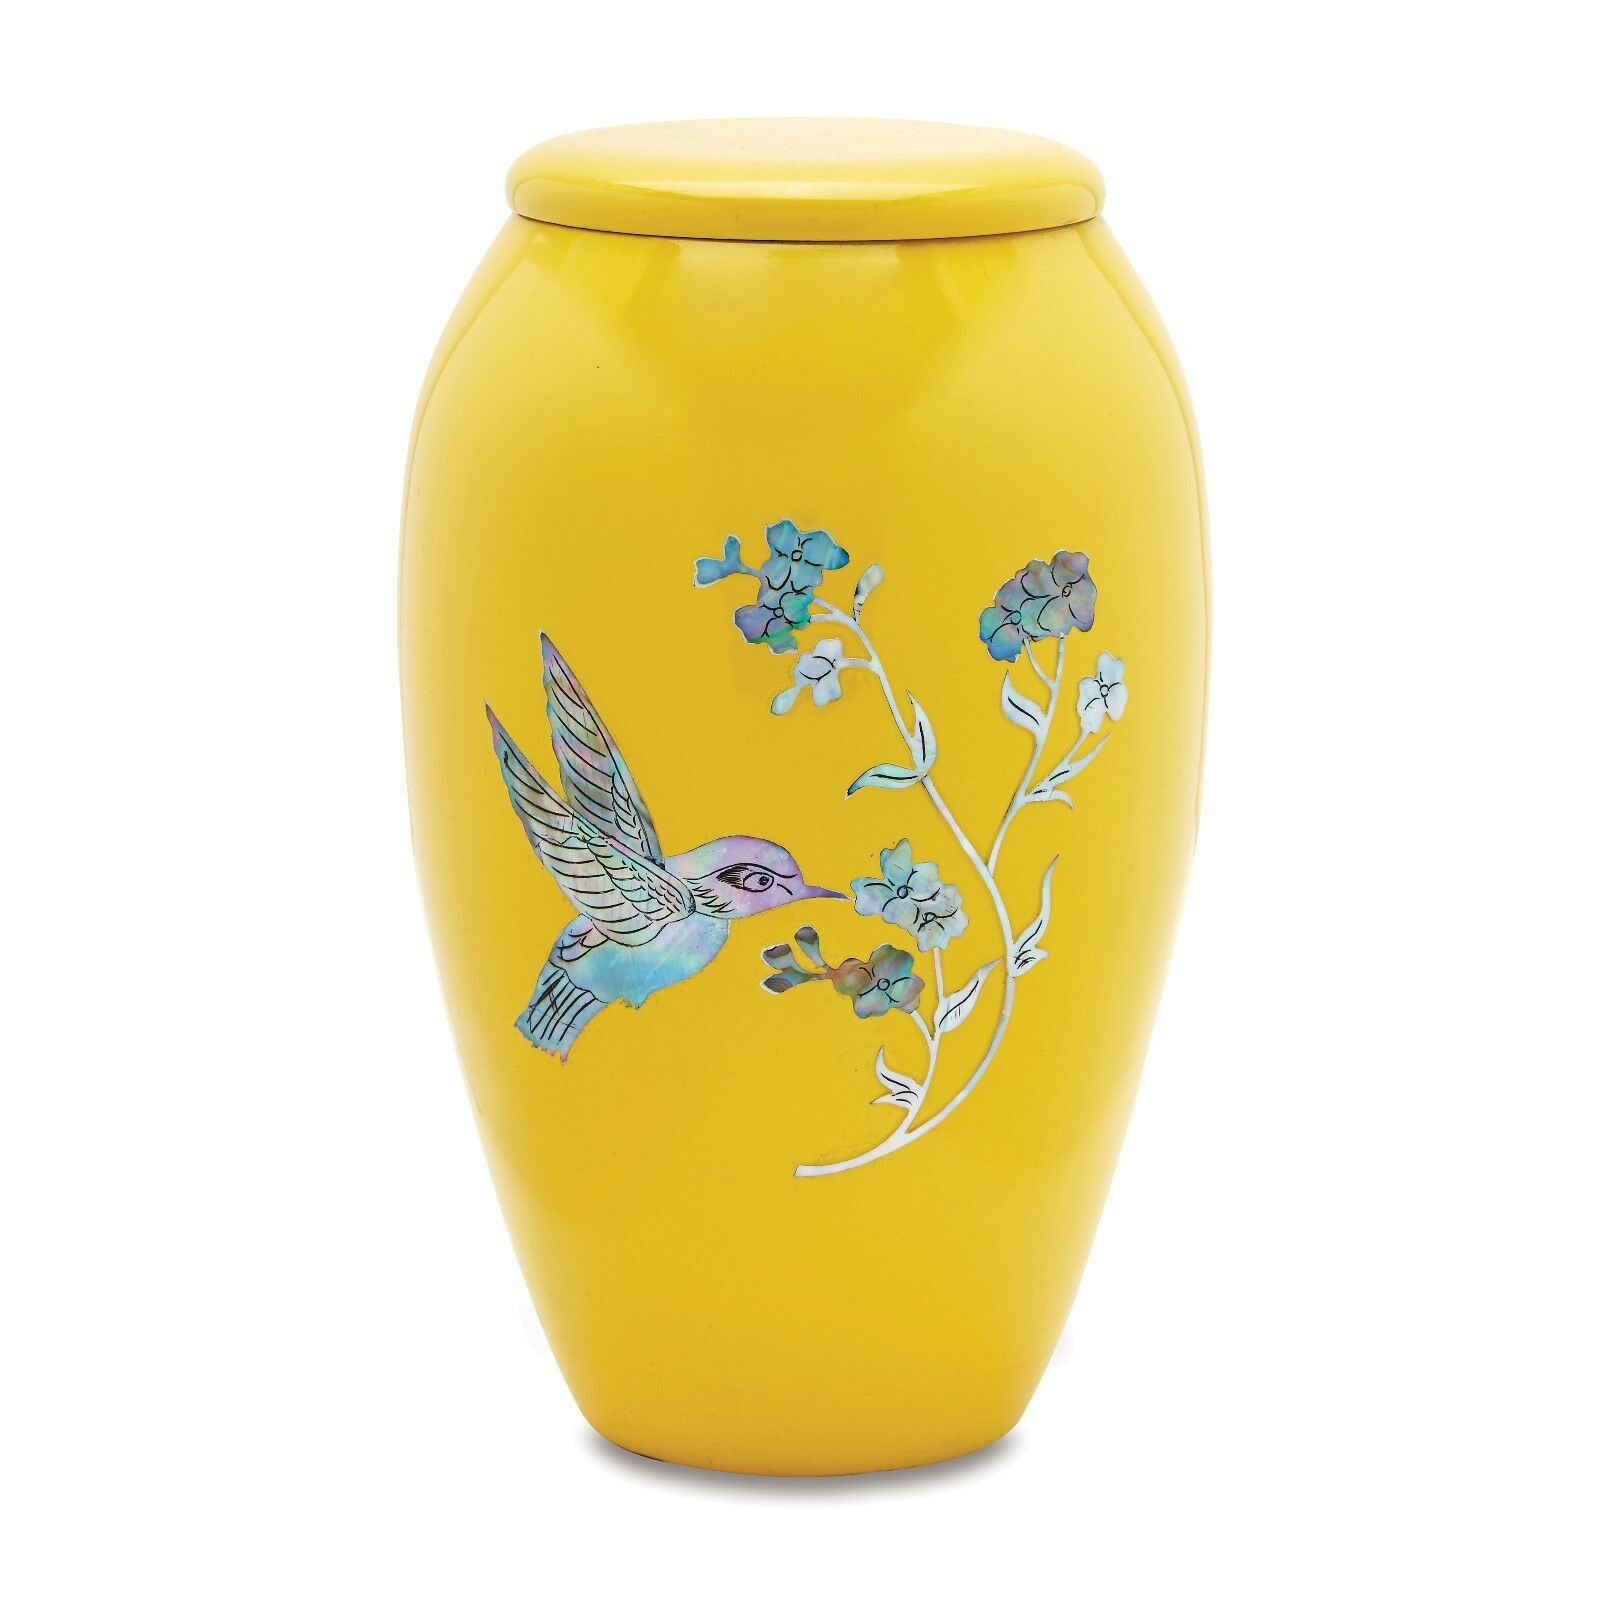 Amarillo Colibrí Adulto urna de la cremación